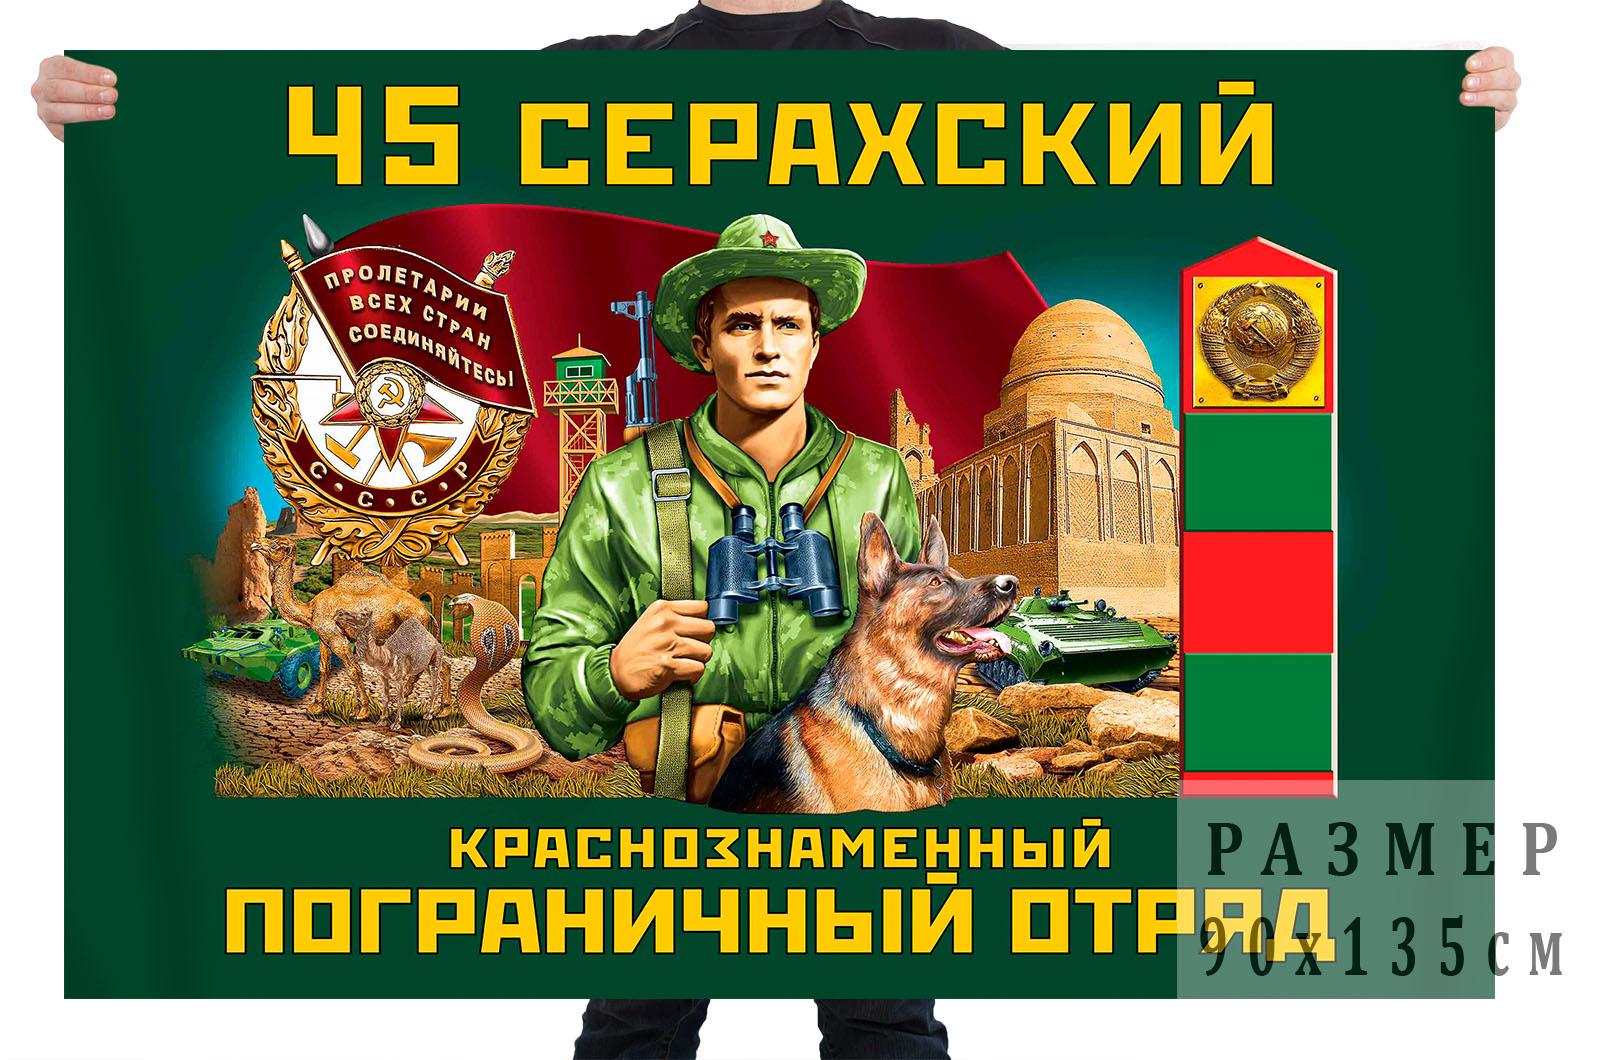 Флаг 45 Серахского Краснознамённого пограничного отряда